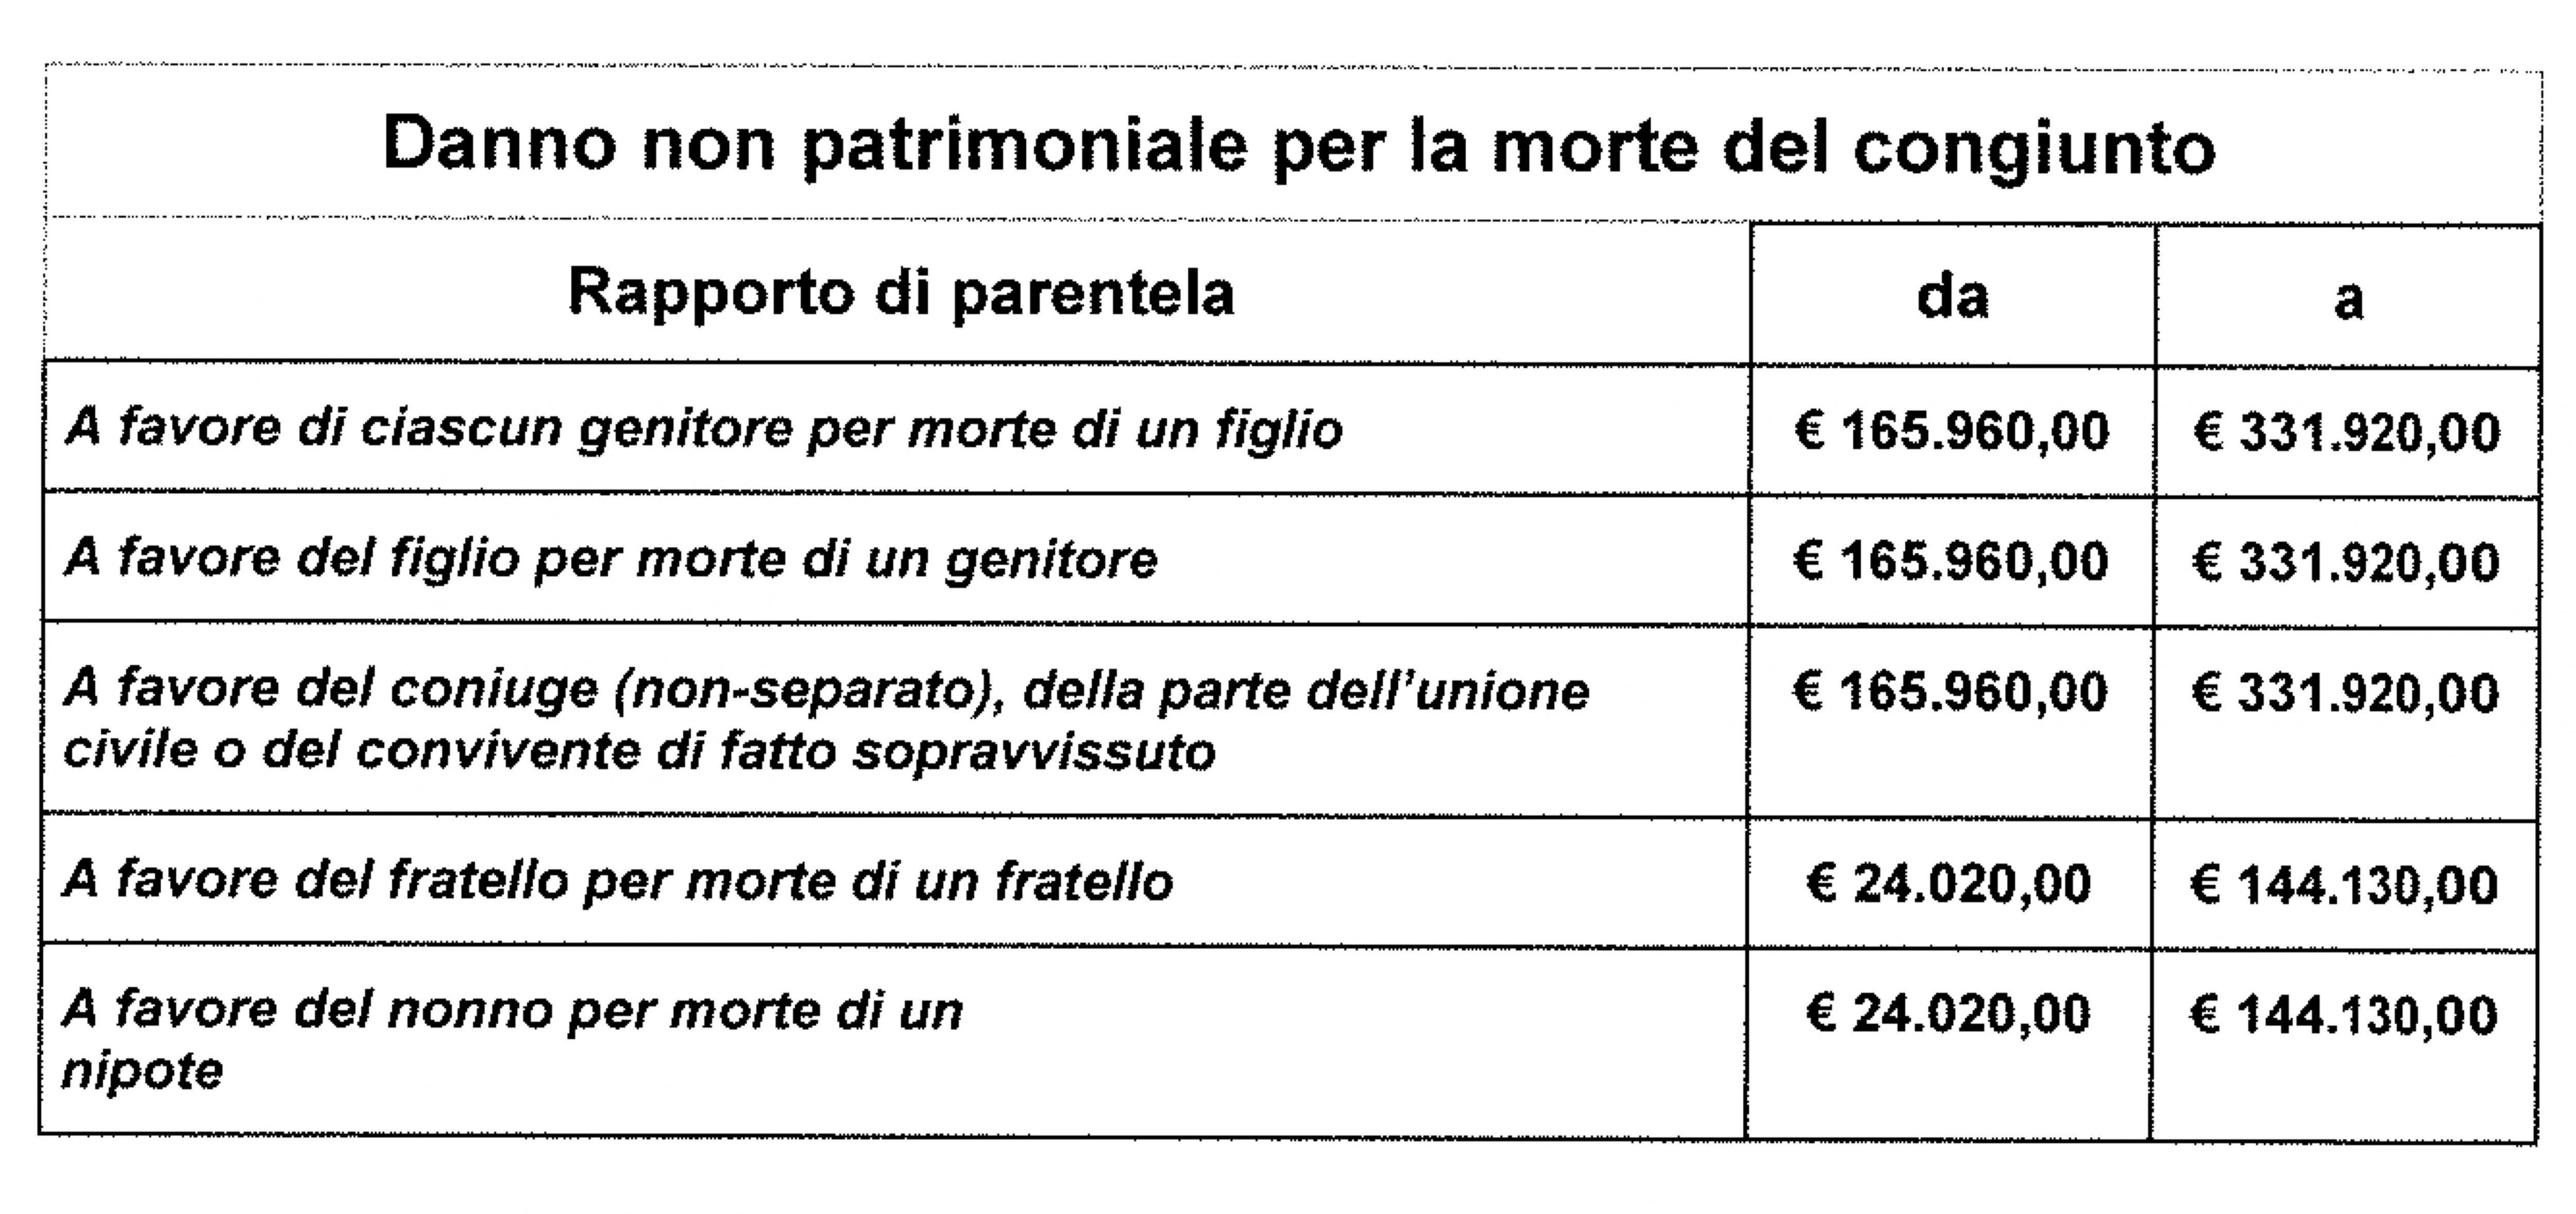 tabella Milano danno da perdita parentale non patrimoniale